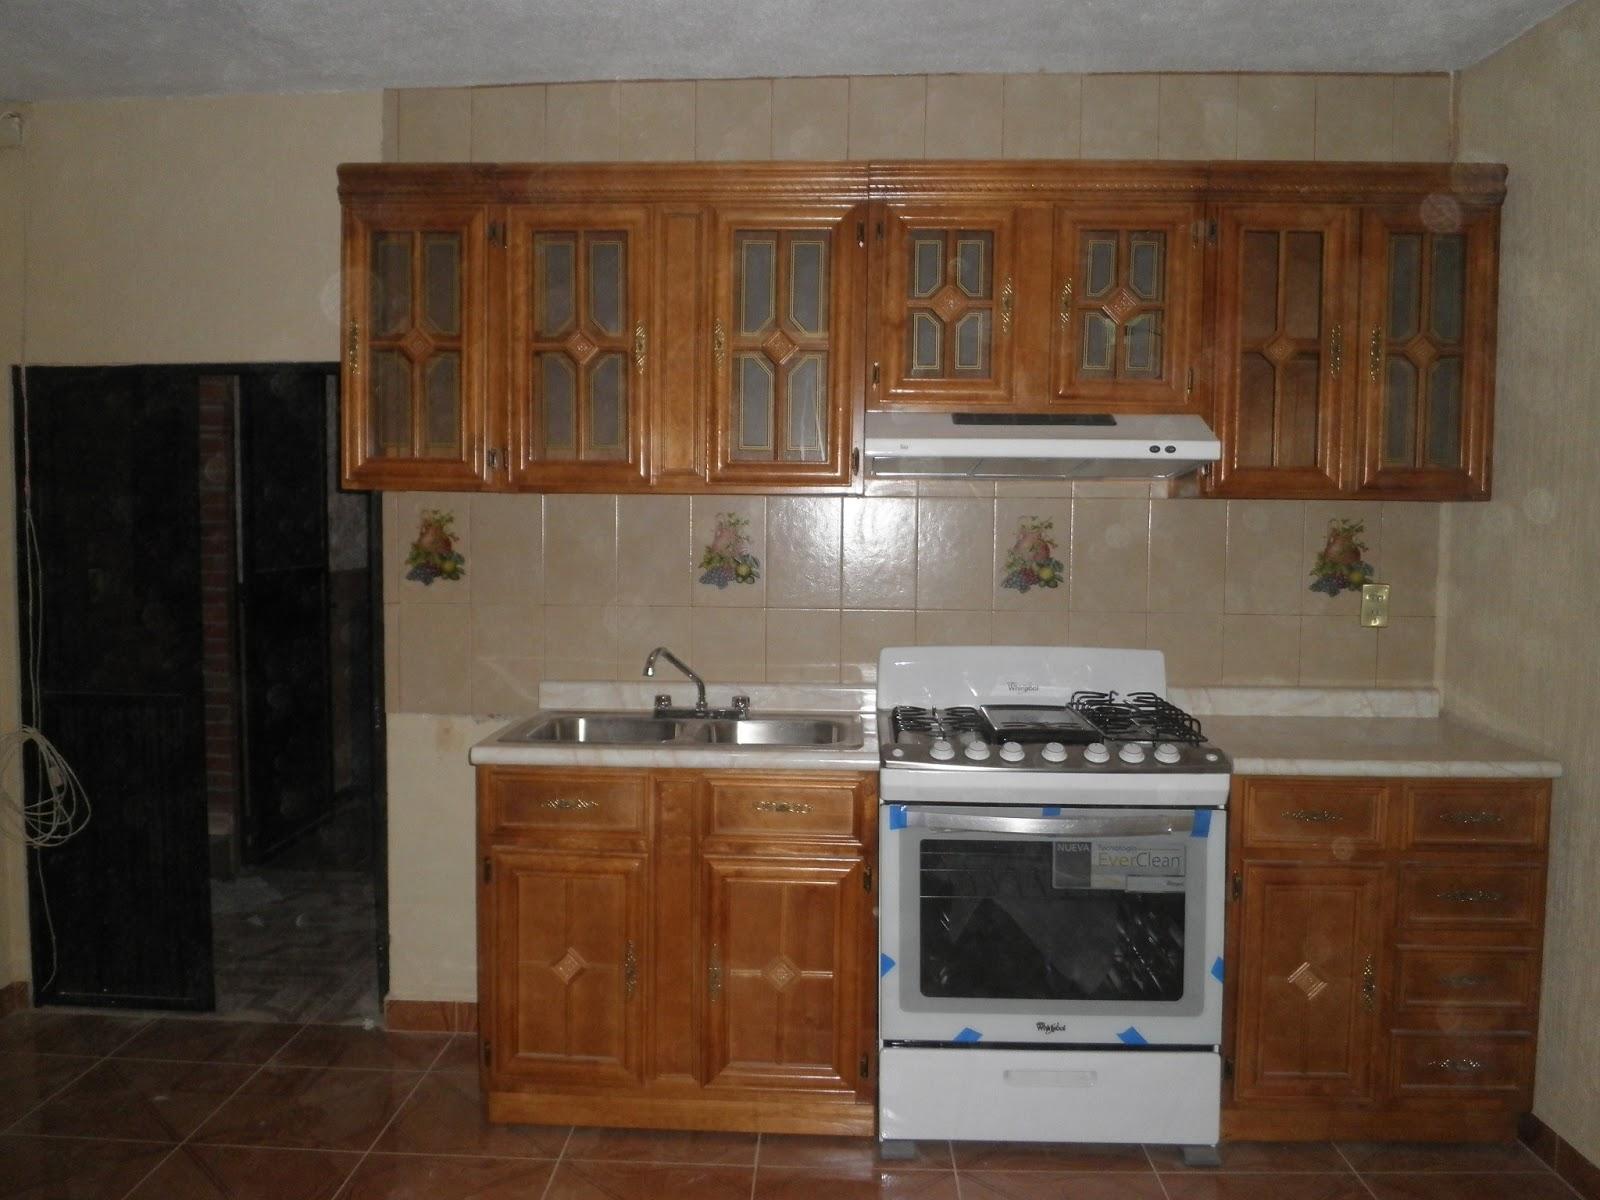 Remodelacionesjuanposadas remodelacion de cocina completa for Remodelacion banos y cocinas